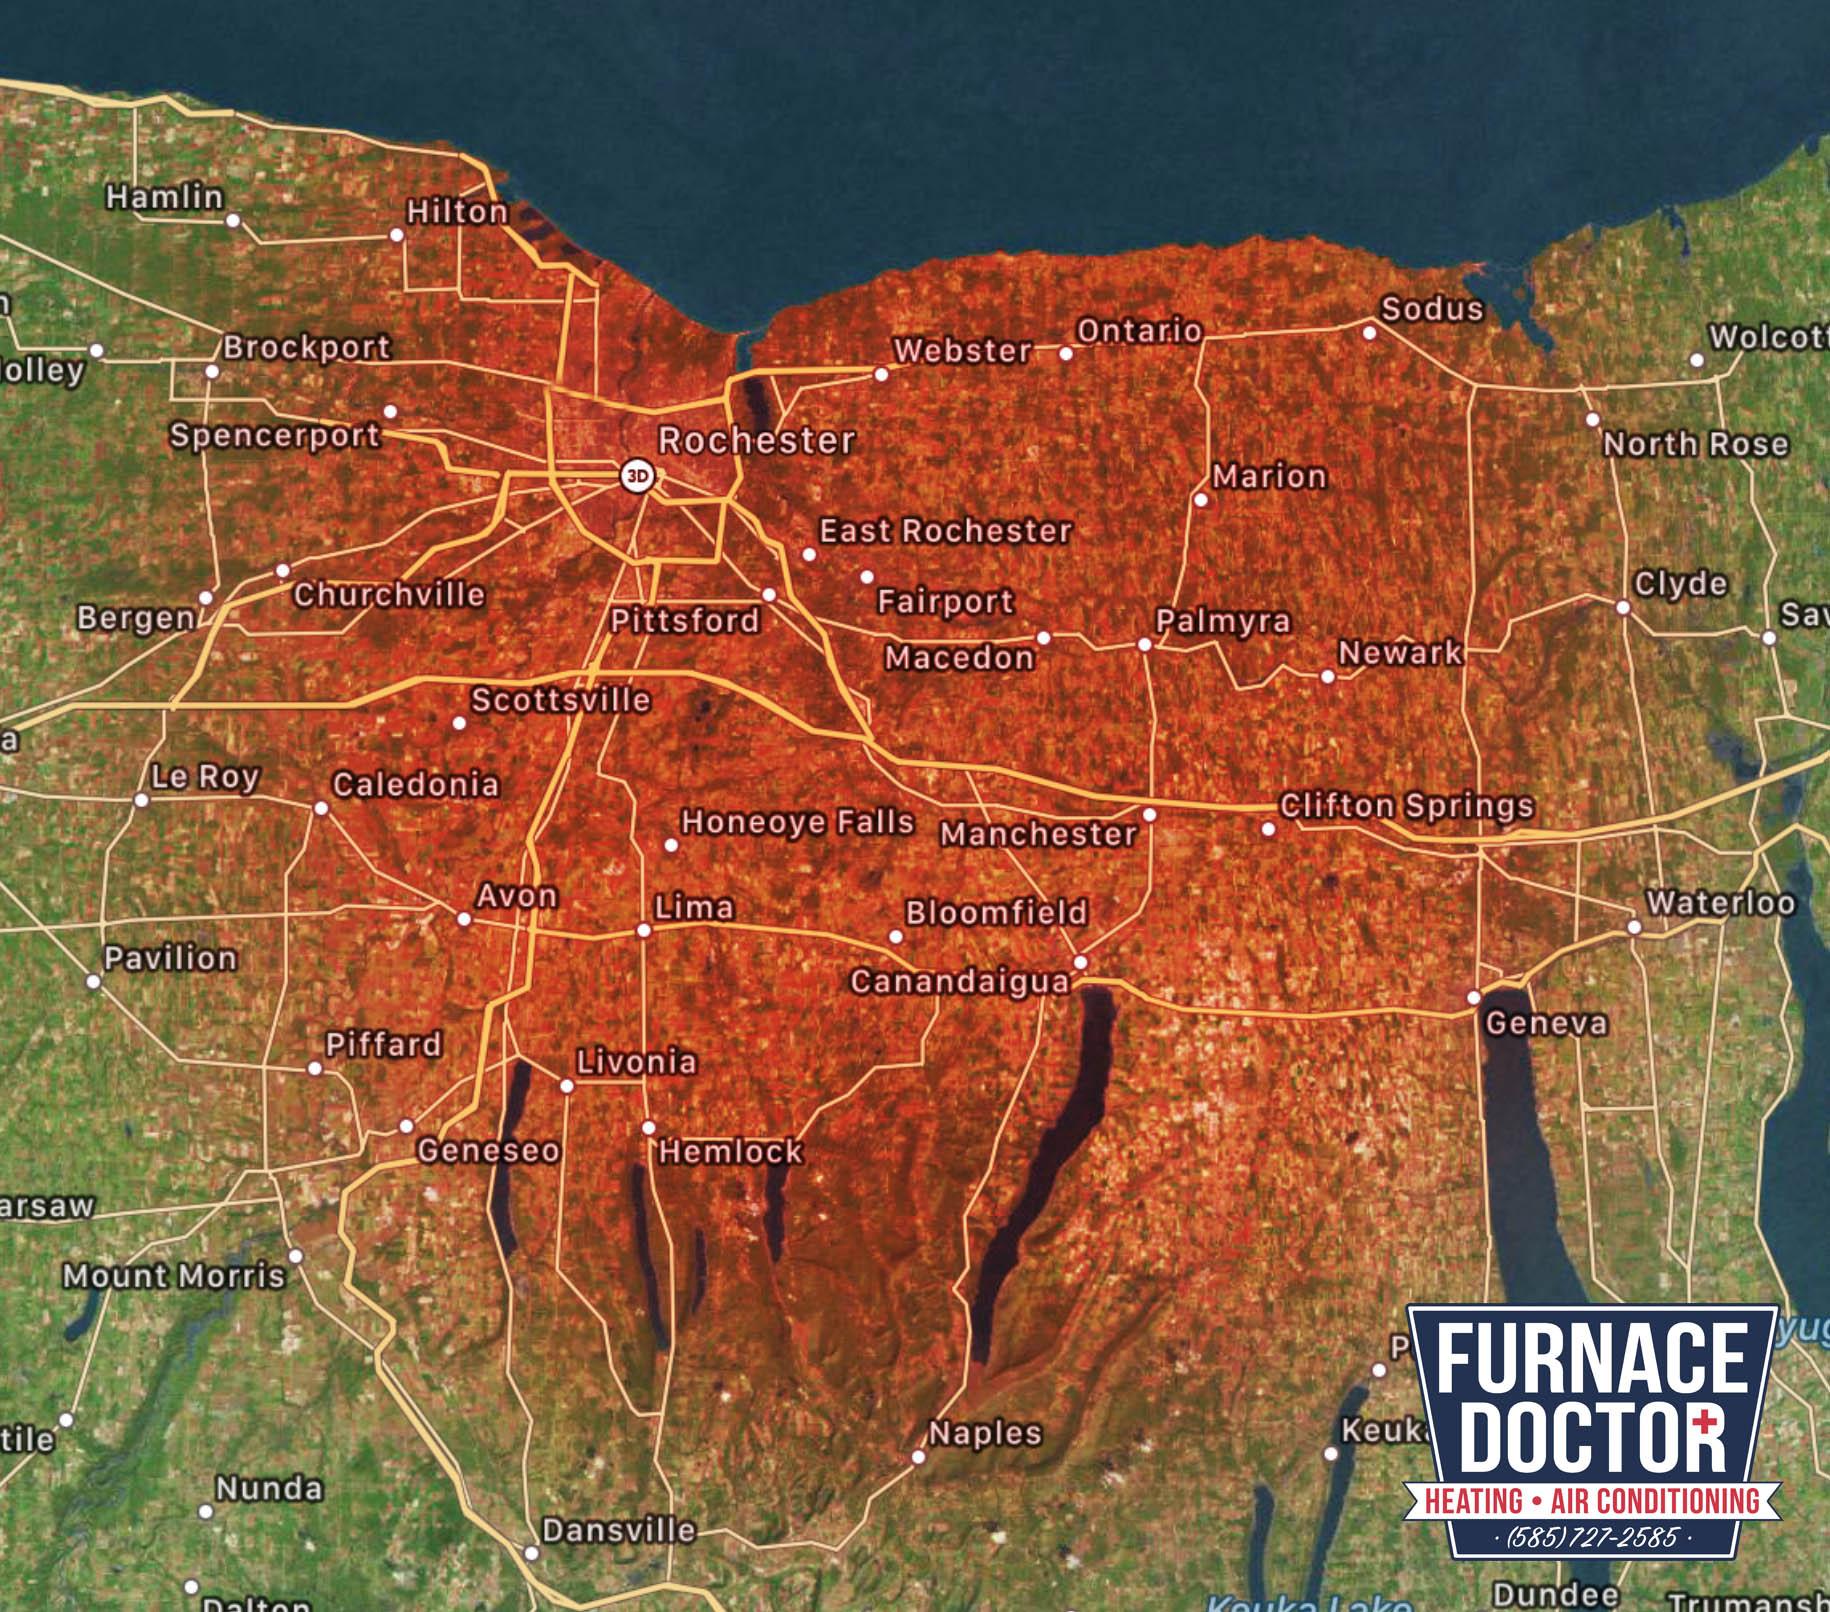 Furnace-Doctor Service-Area